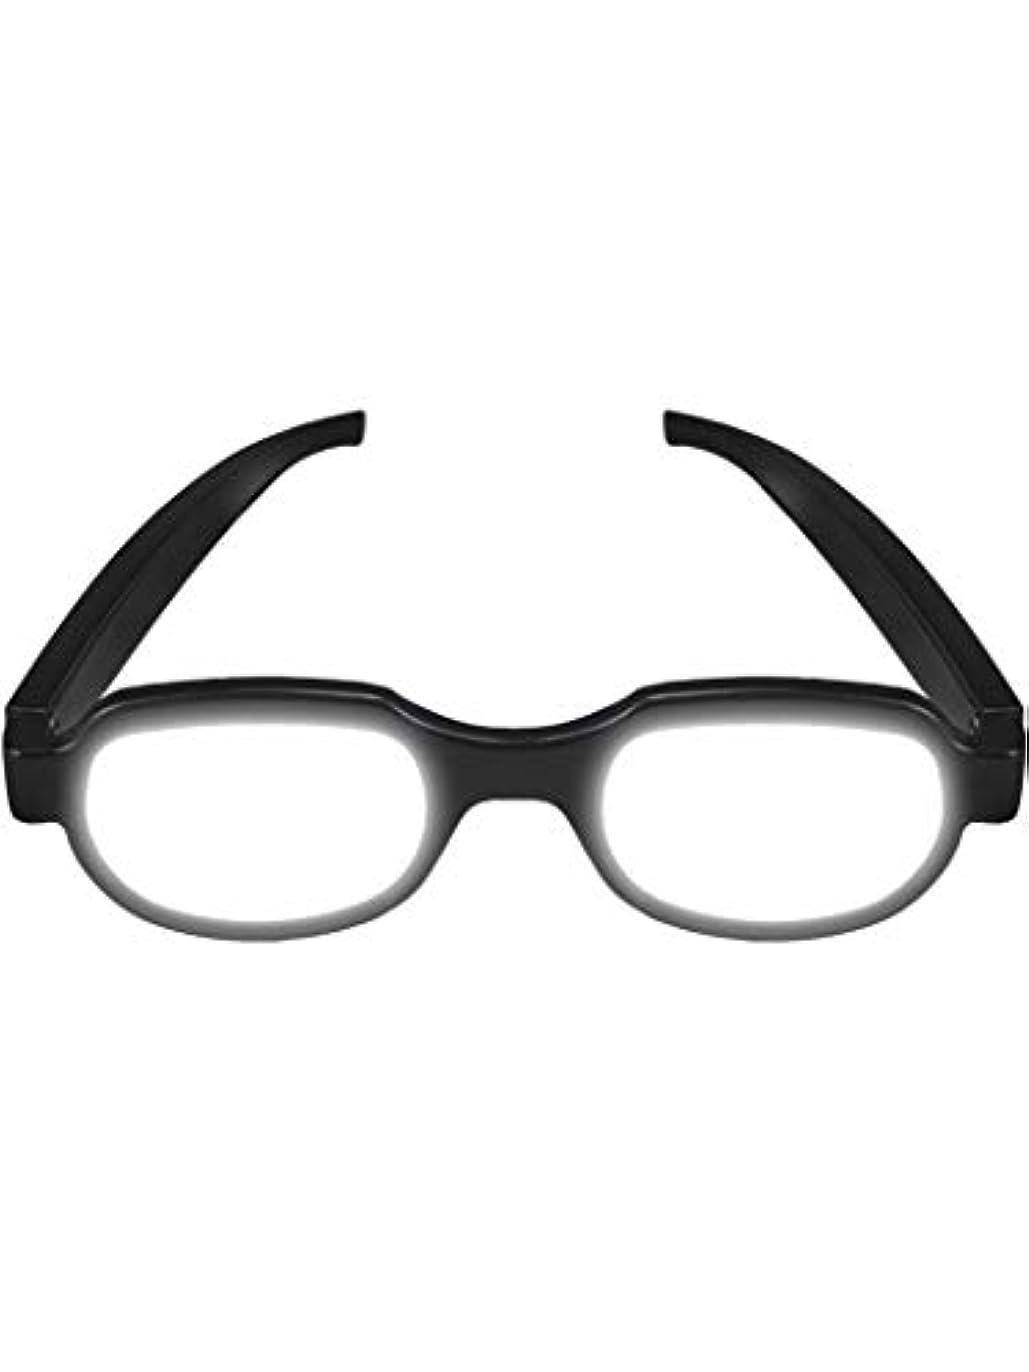 名探偵コナン 工藤新一 犯人追跡メガネ 発光LEDメガネ Cosplay コスプレ道具